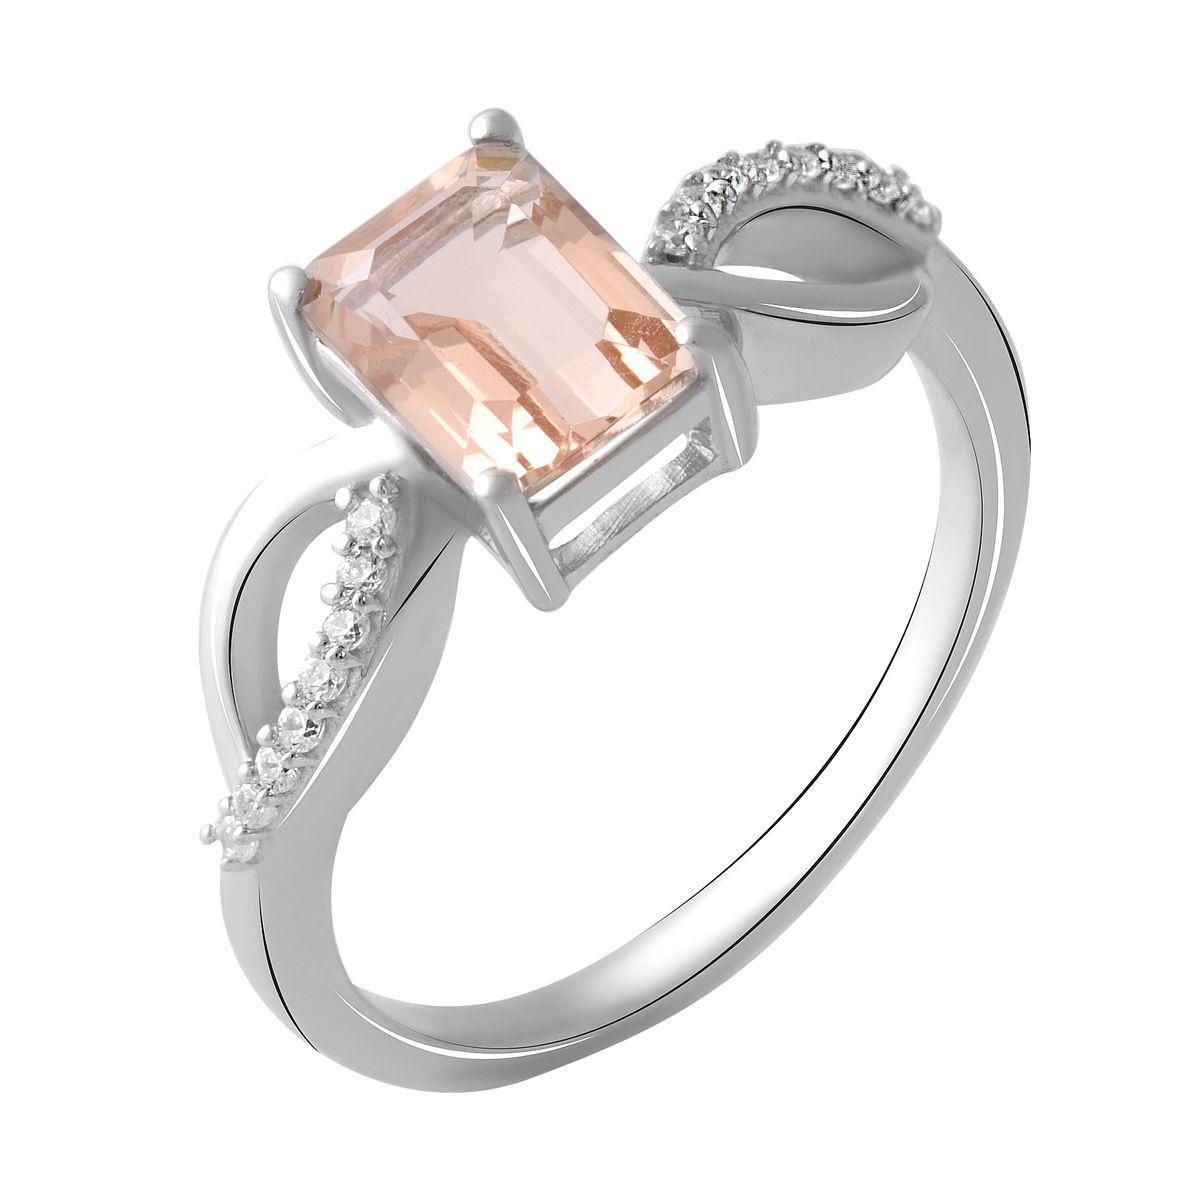 Серебряное кольцо DreamJewelry с морганитом nano 1.6ct (2045403) 18 размер